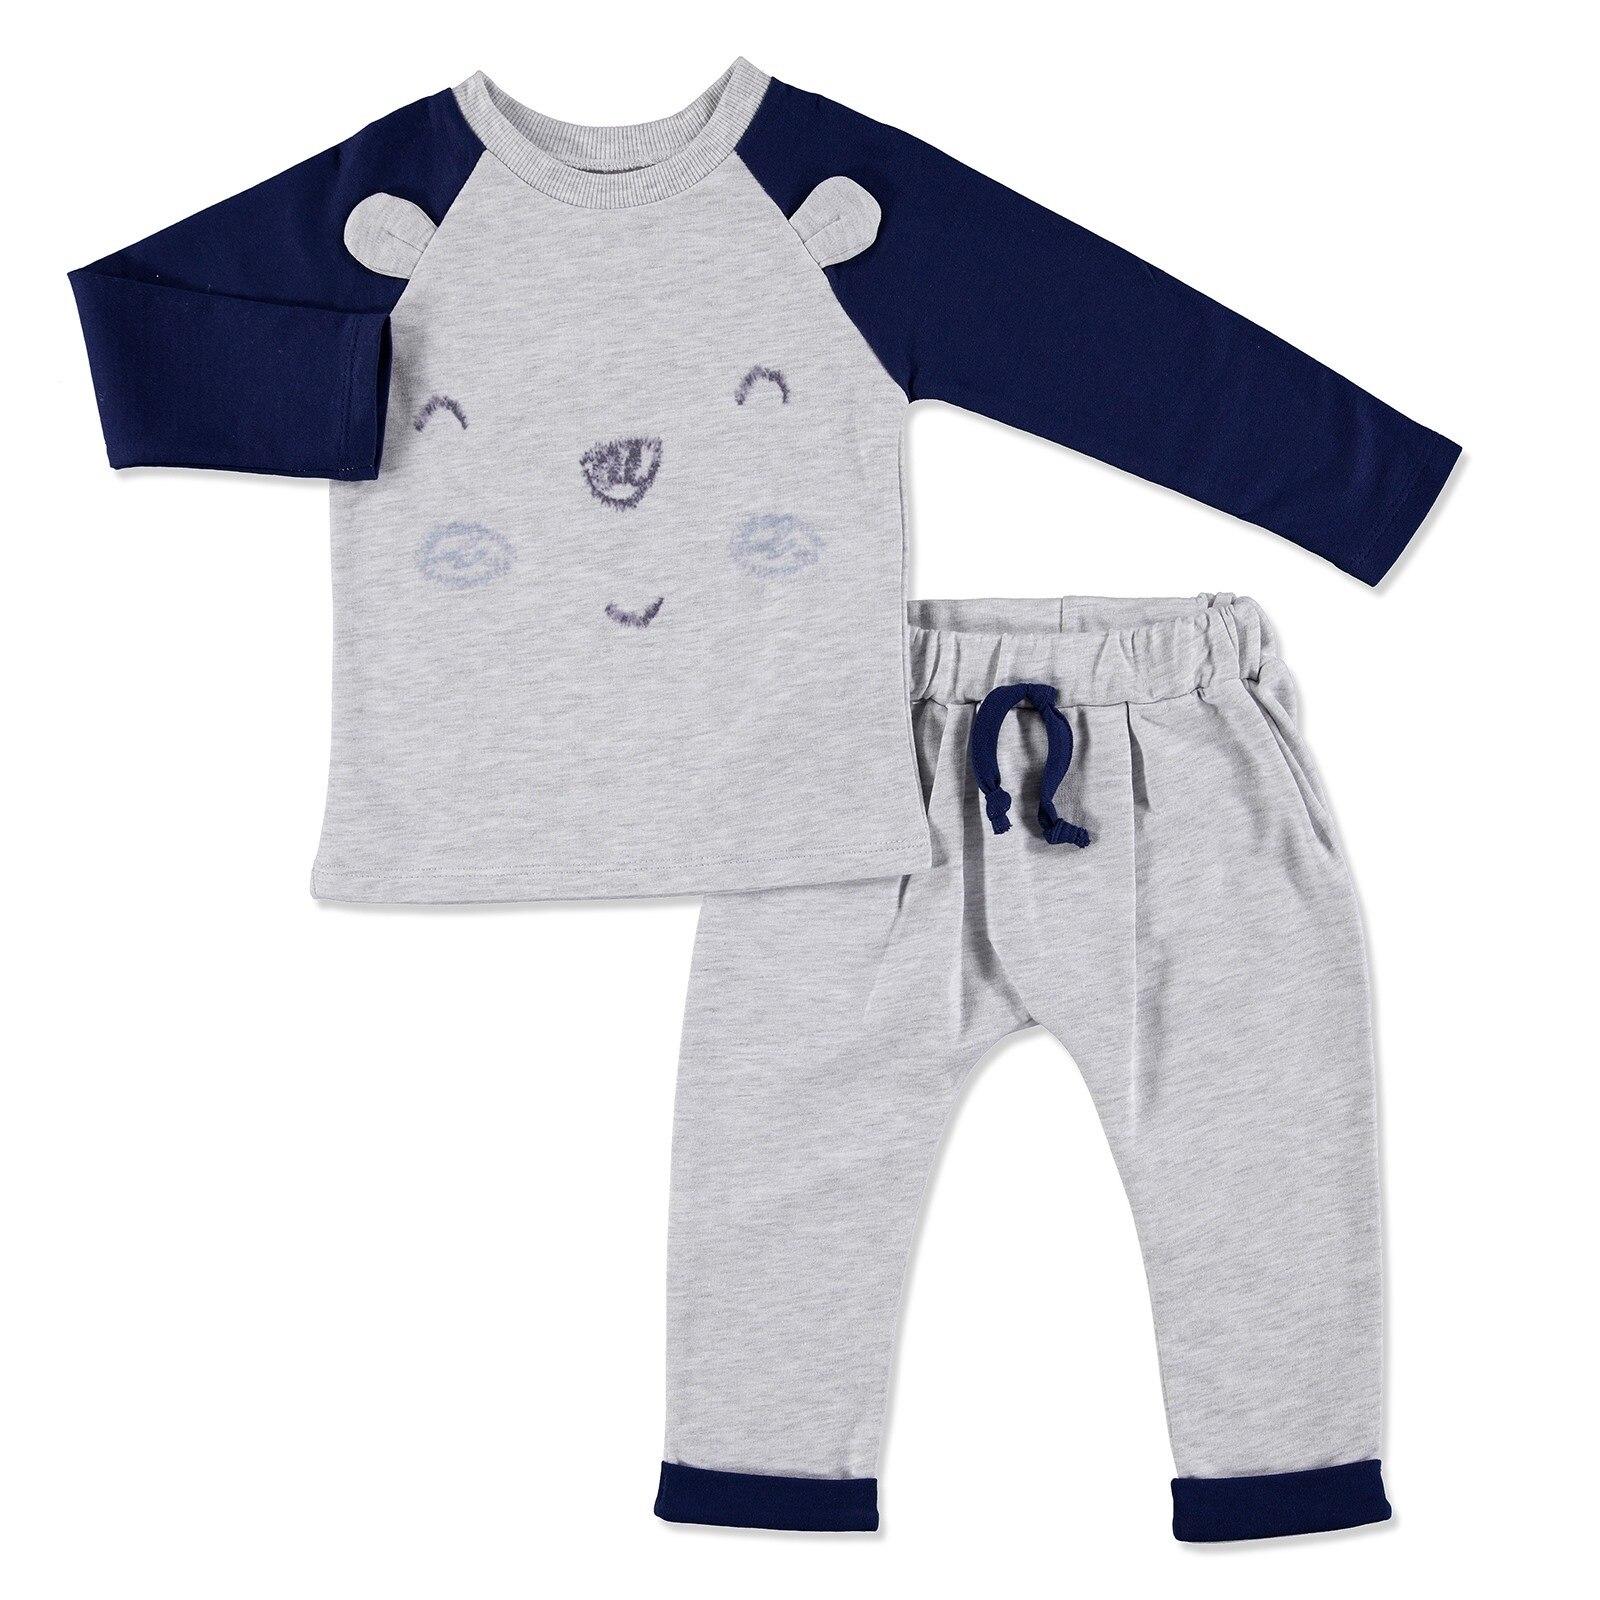 Ebebek Newborn Fashion Club My Toy Bear Friend Baby Sweatshirt Set